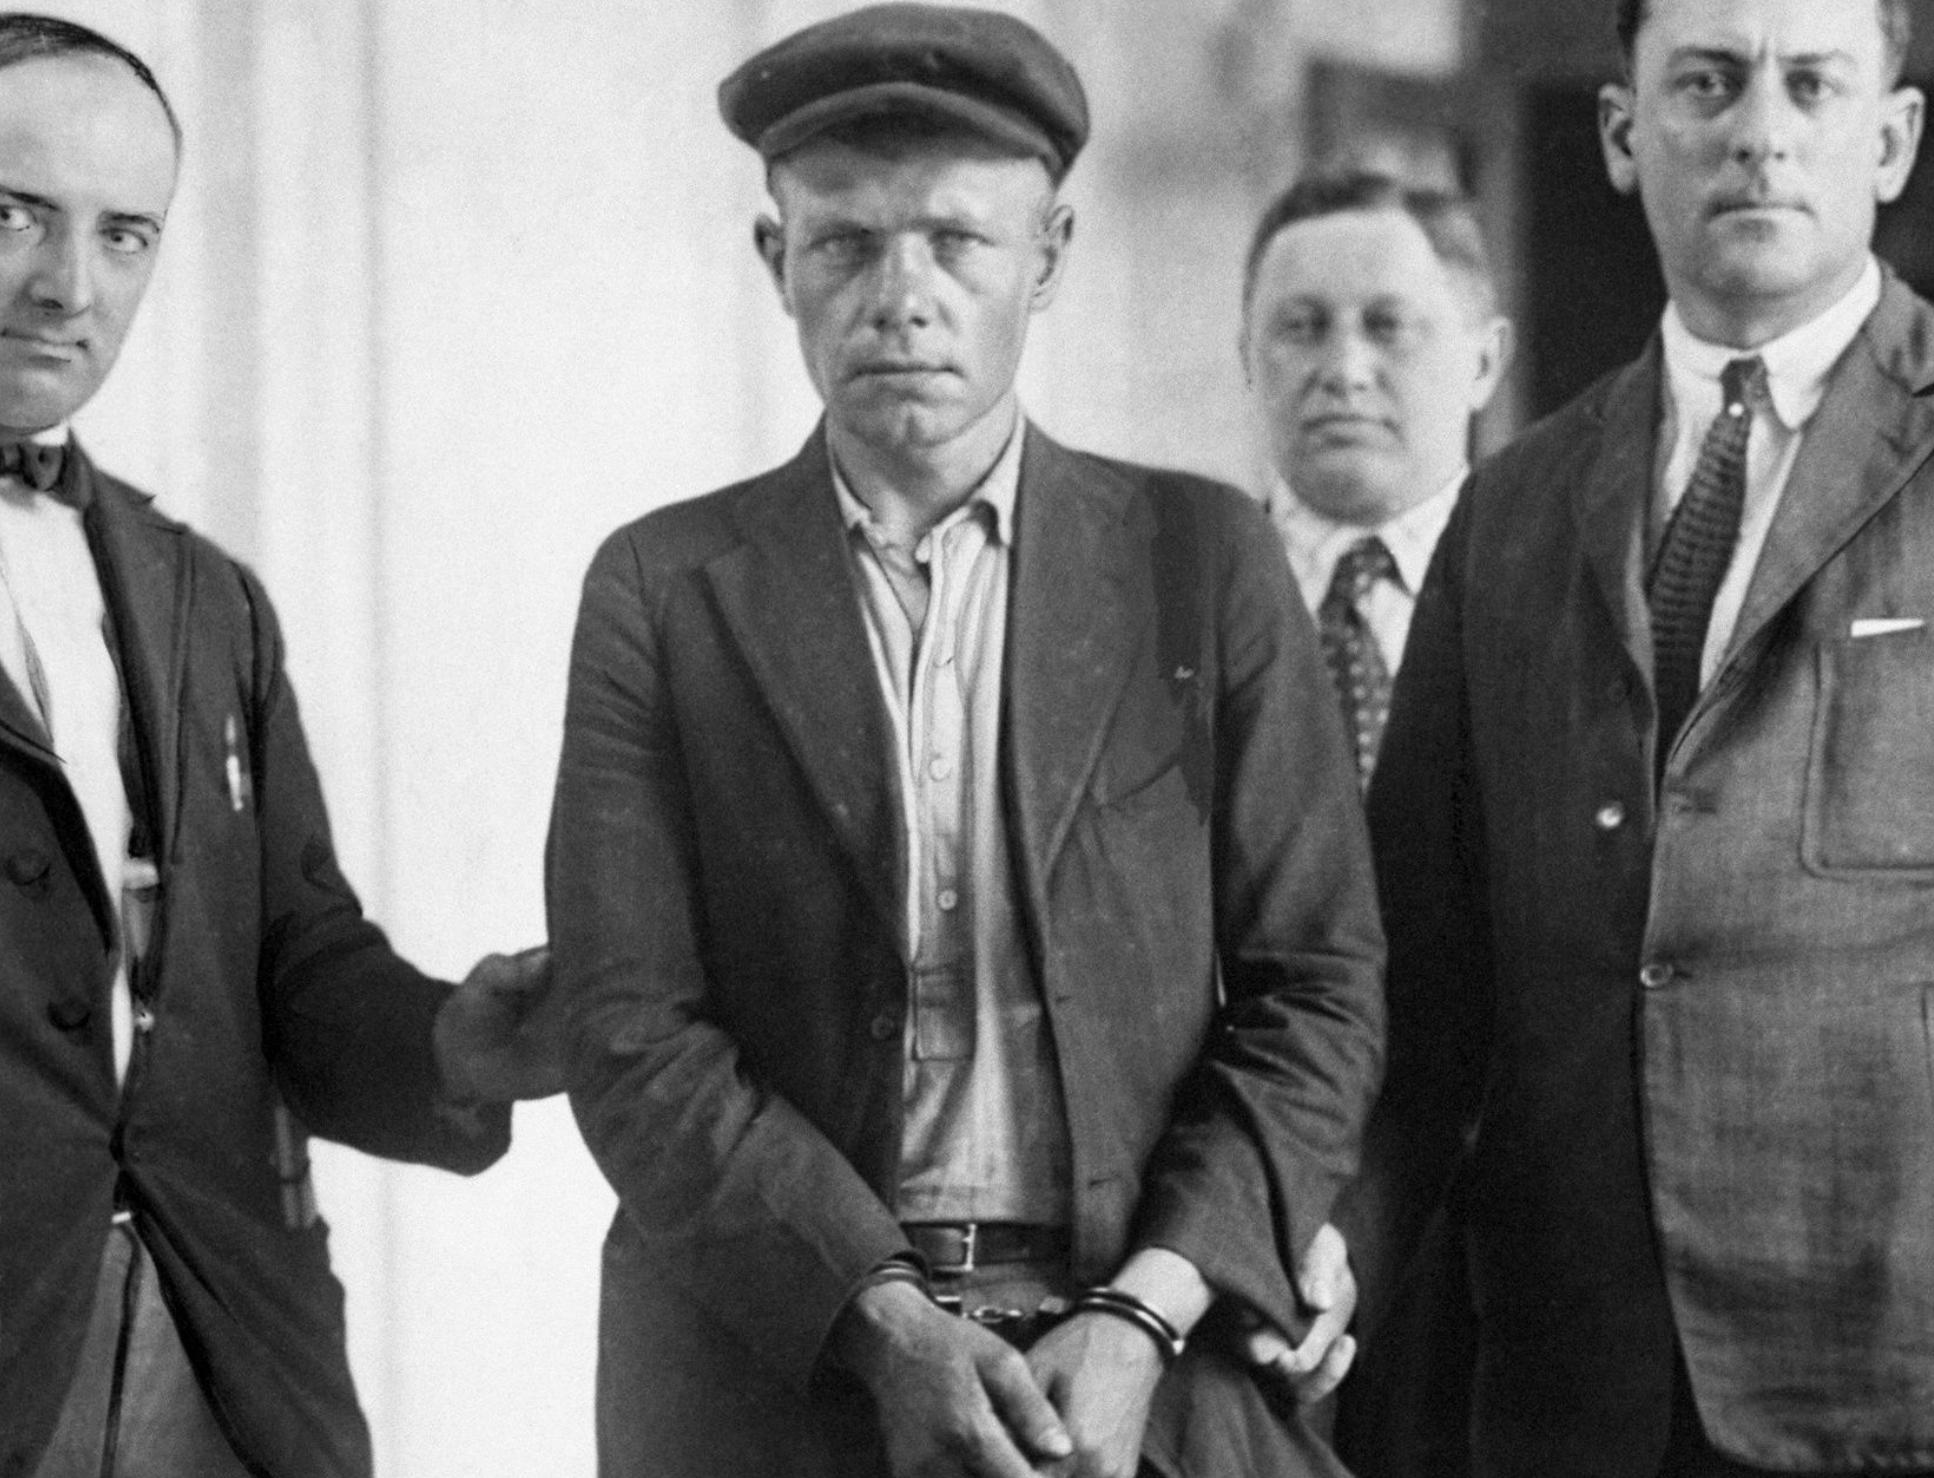 Lawrence Kubal được dẫn đến trại giam Sing Sing sau phiên toà tháng 7/1921. Ảnh: NYdailynews